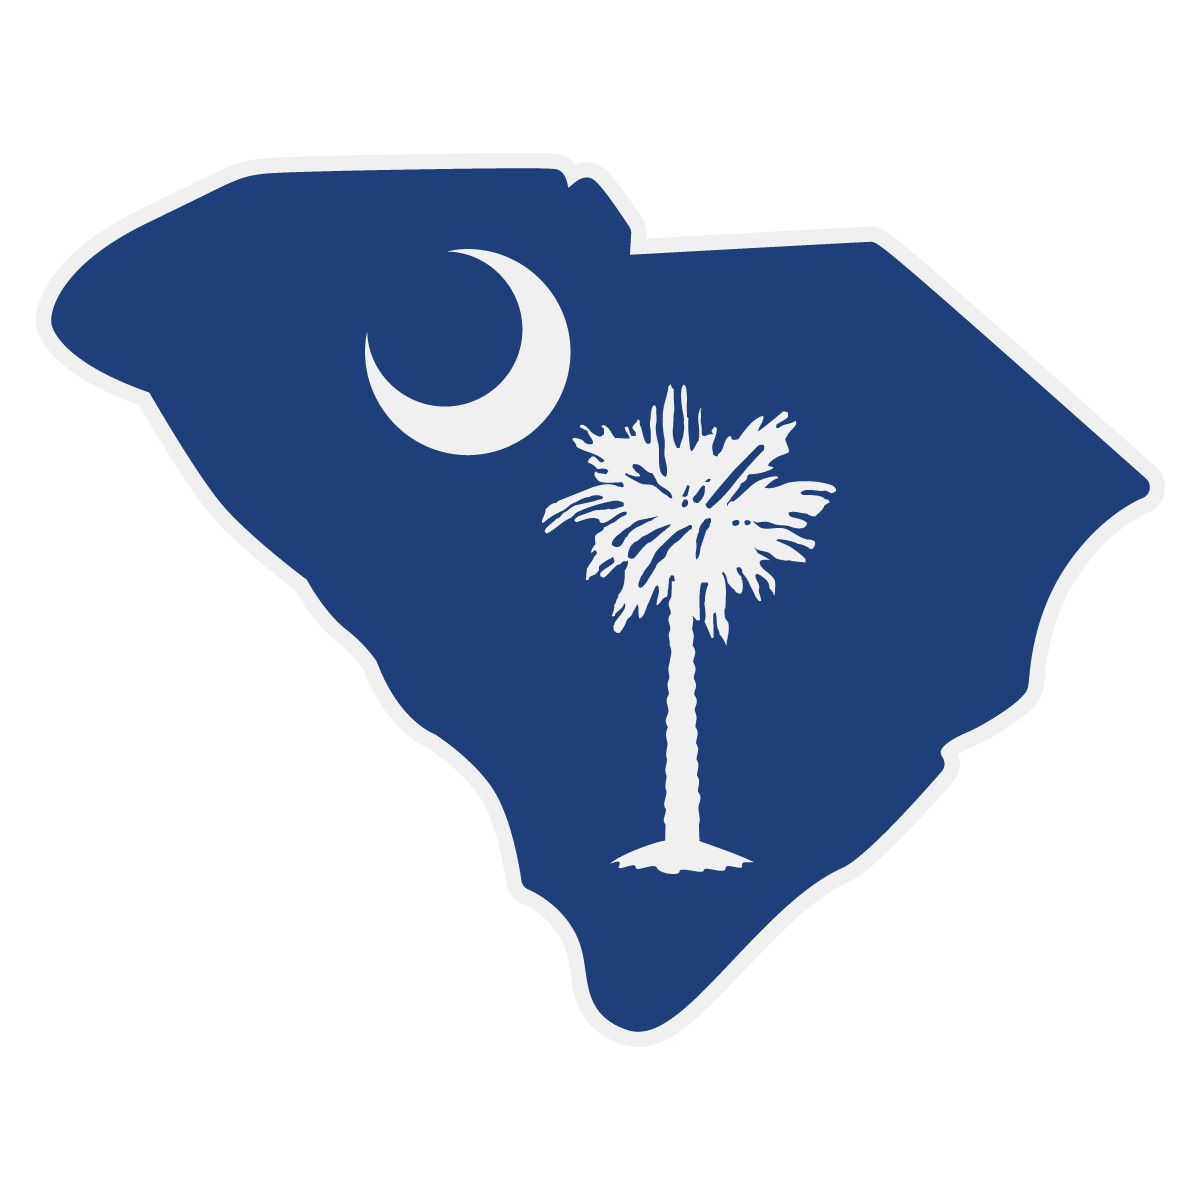 South Carolina Home Decor South Carolina Art Columbia Sc: South Carolina Flag On SC Outline Decal